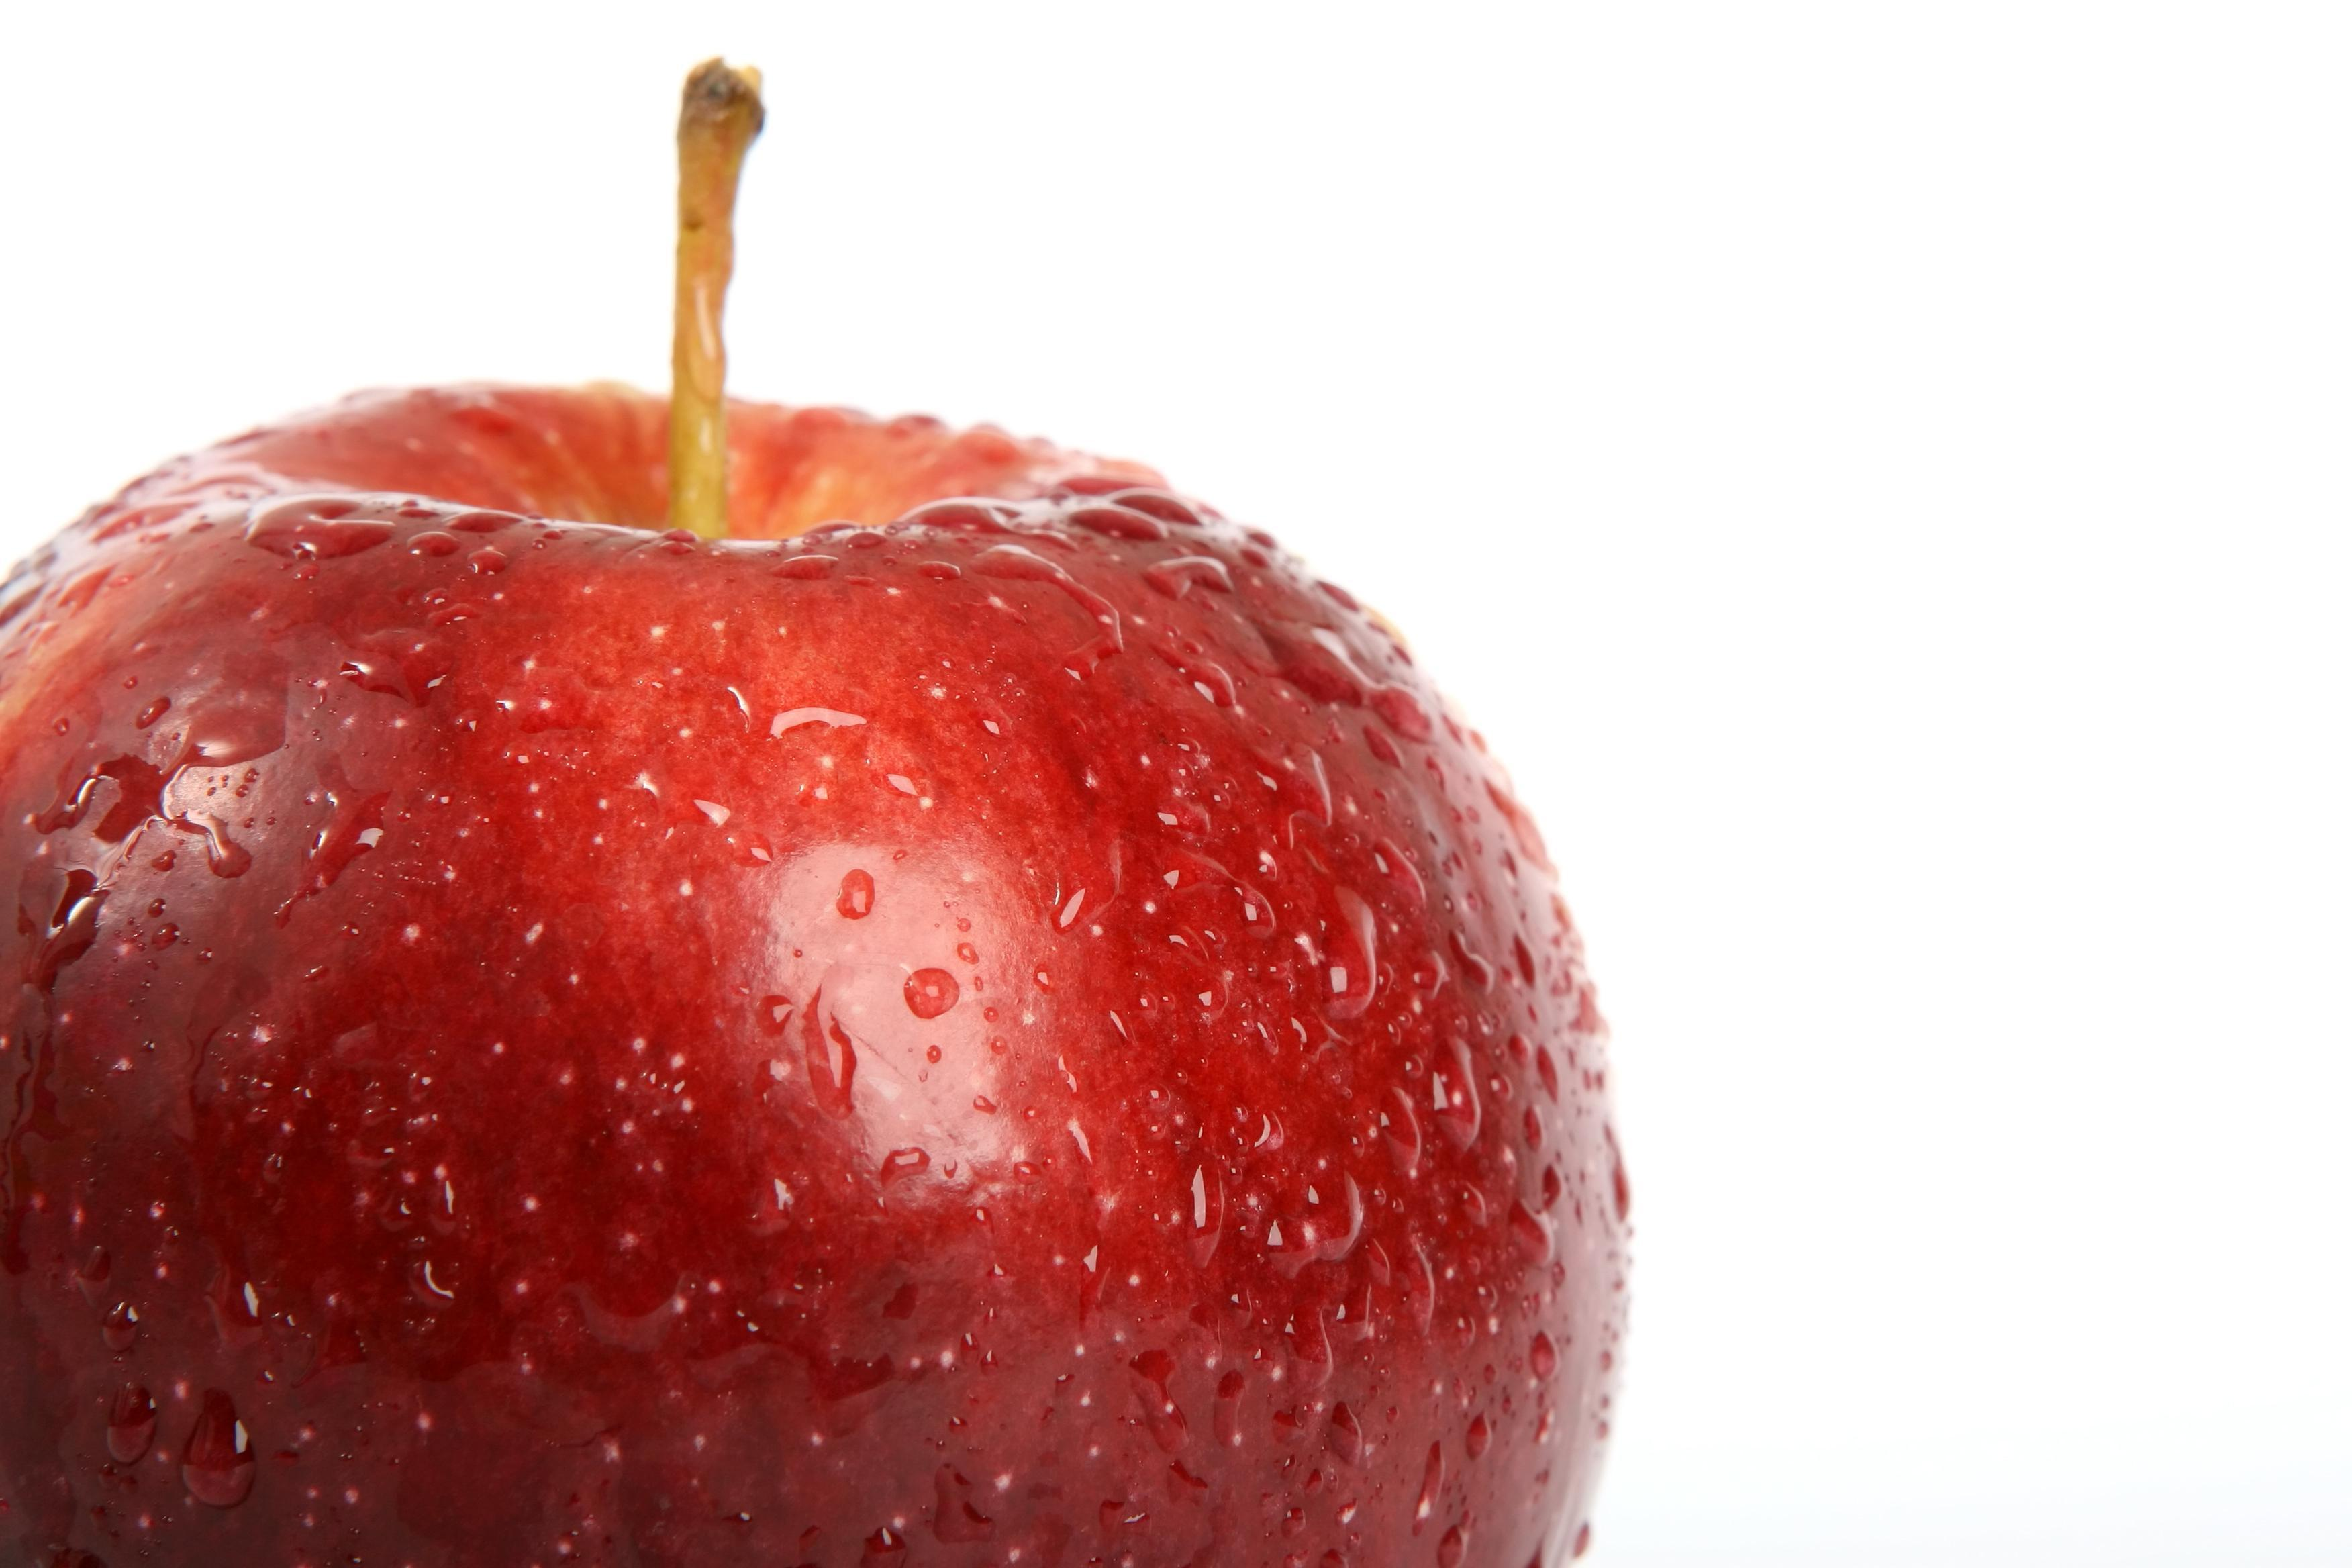 Dieta da Maçã: Benefícios e Contra-Indicações